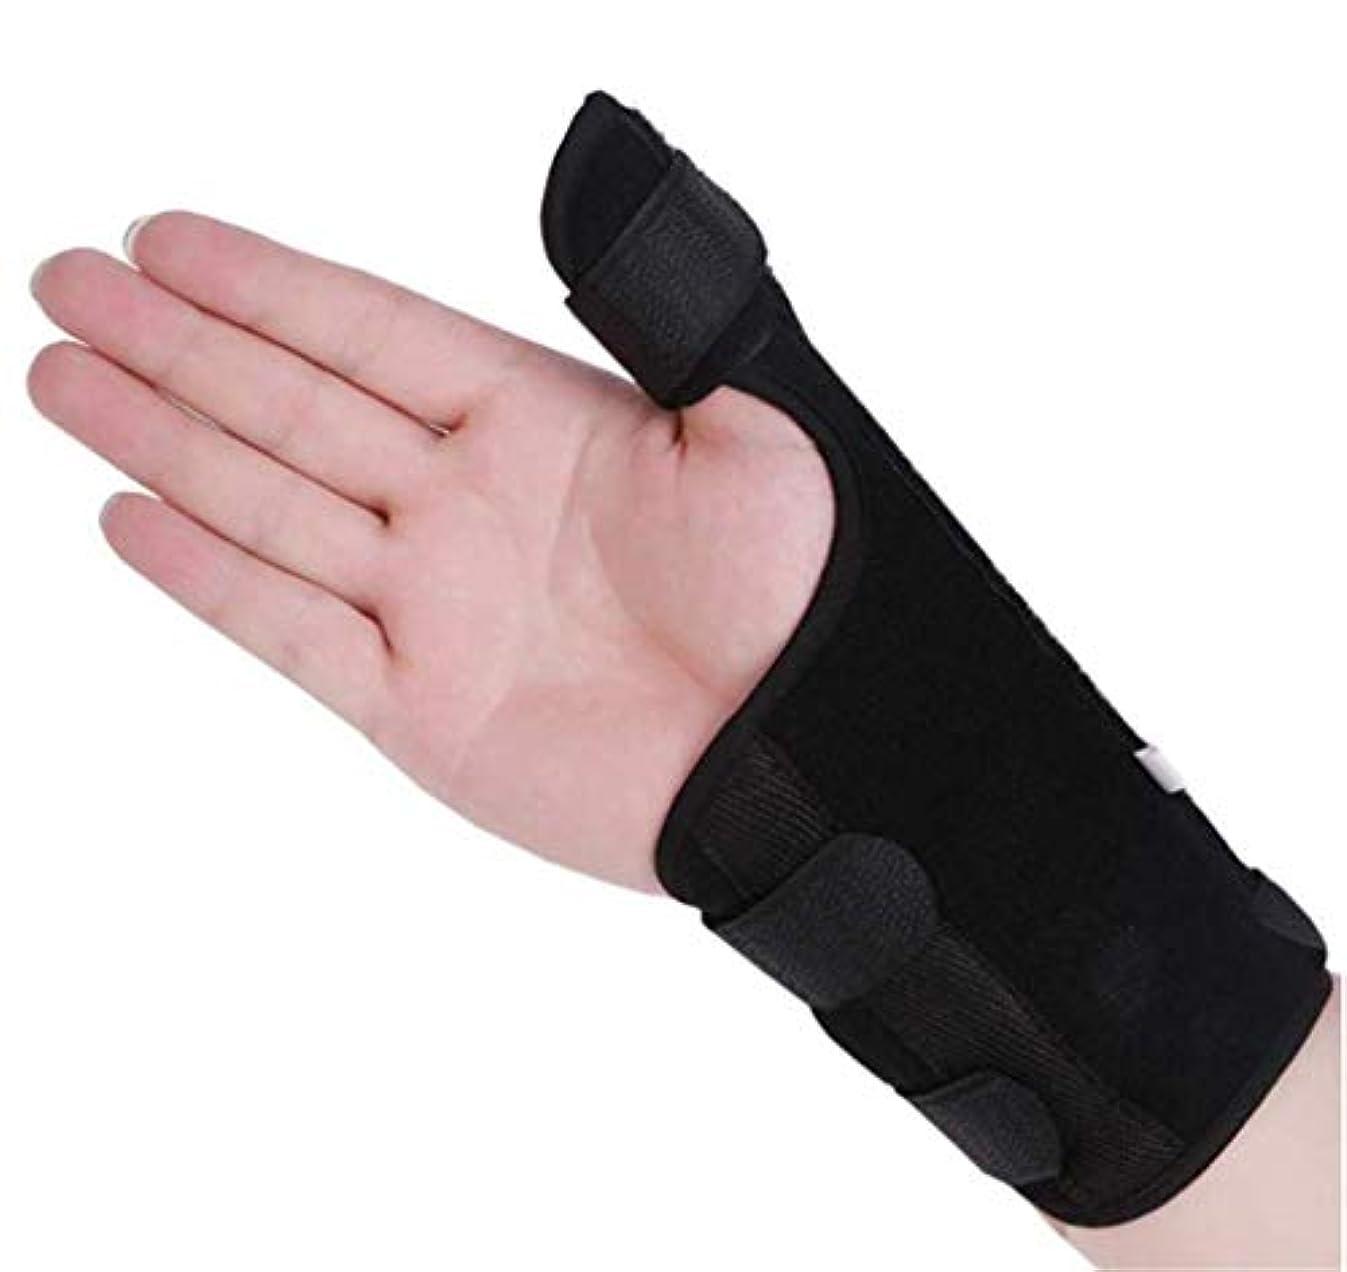 気晴らし甘やかす宿る手首-親指スプリント装具、手根管手首装具、通気性手首スプリント、手根管症候群/腱炎/急性捻rain用手首副木 (L,右手)